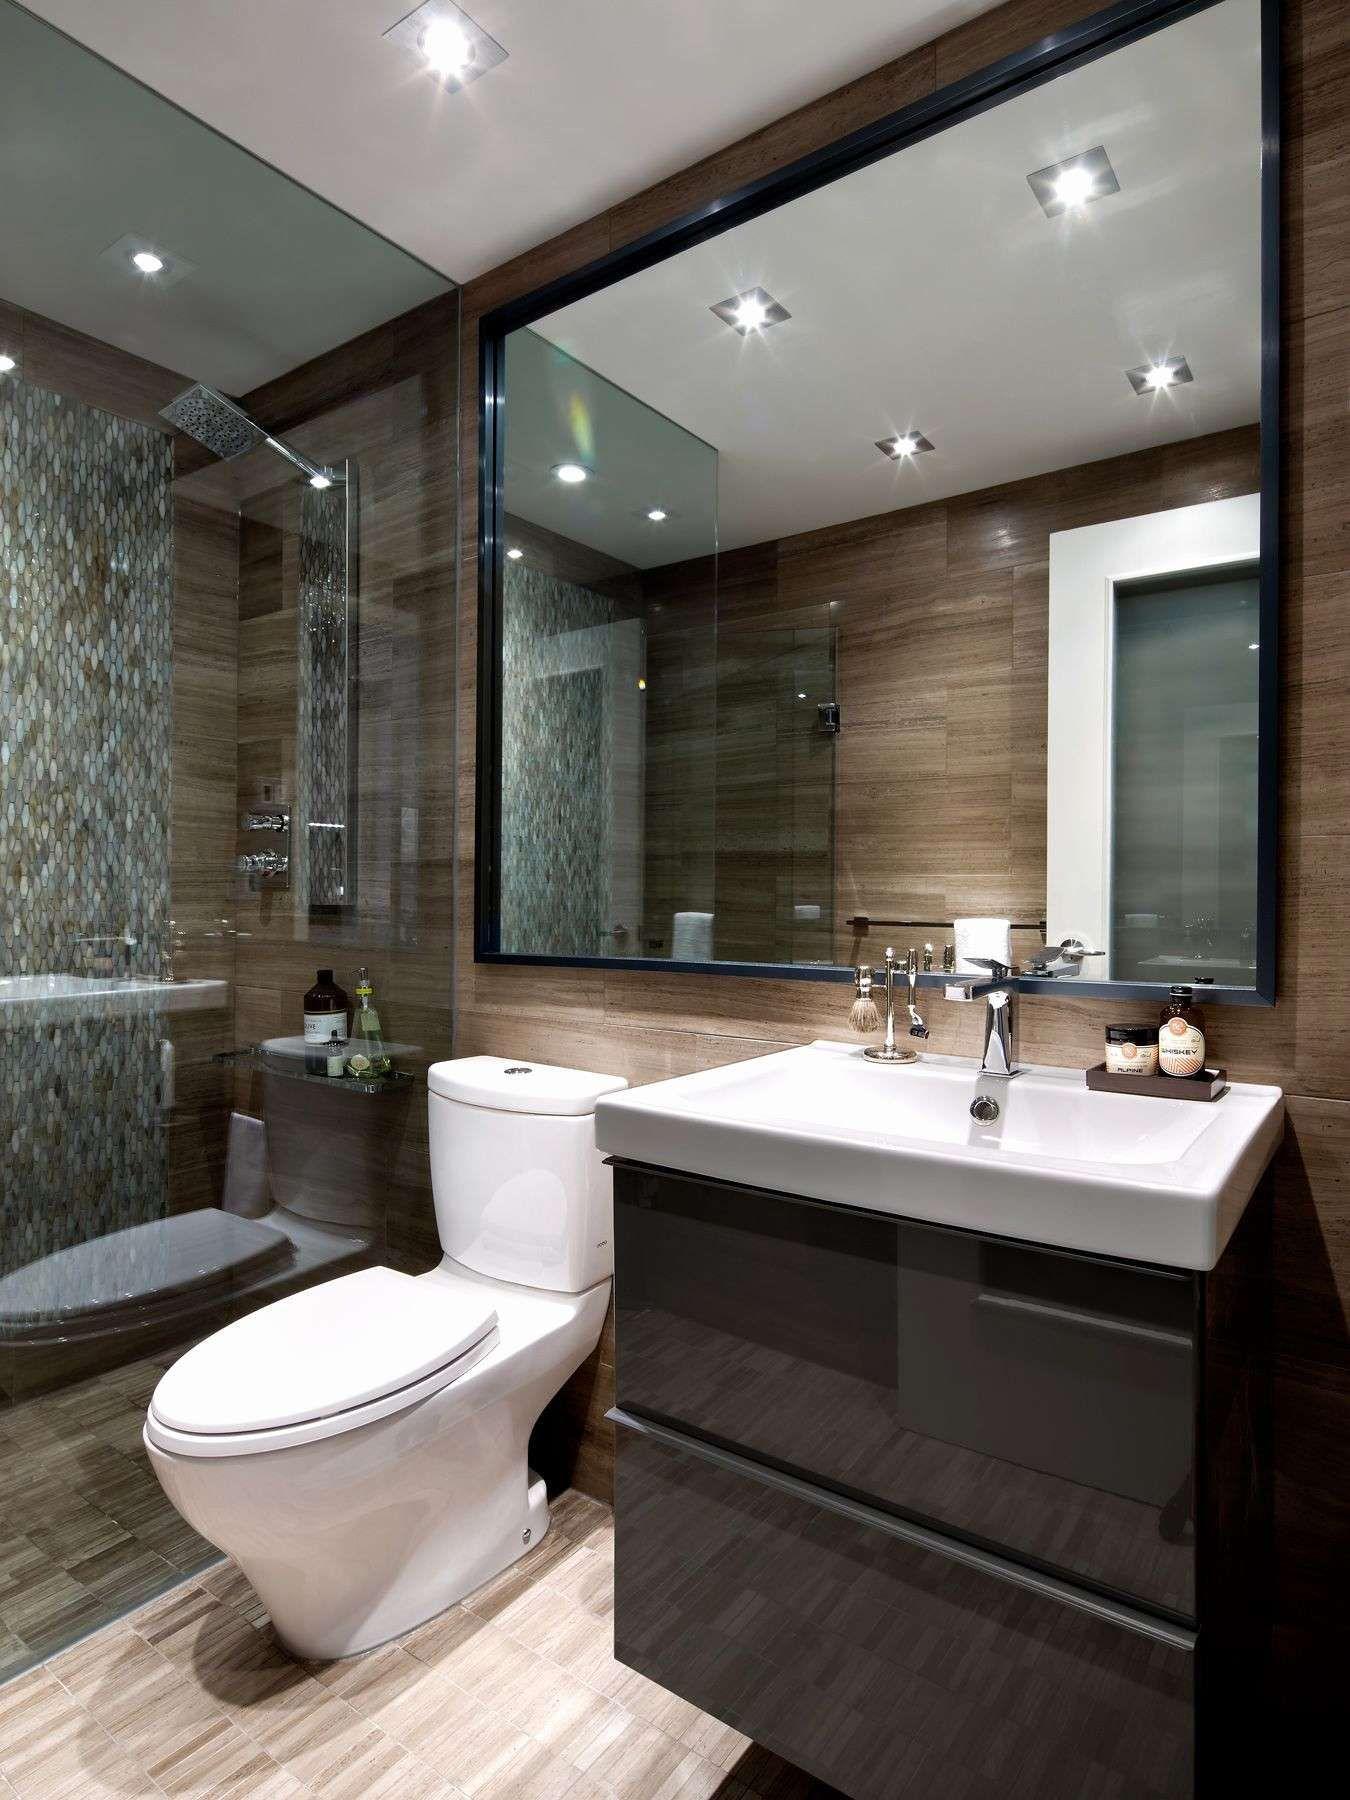 Trendy Bathroom Photos June 2018 Condo Bathroom Small Bathroom Remodel Elegant Bathroom